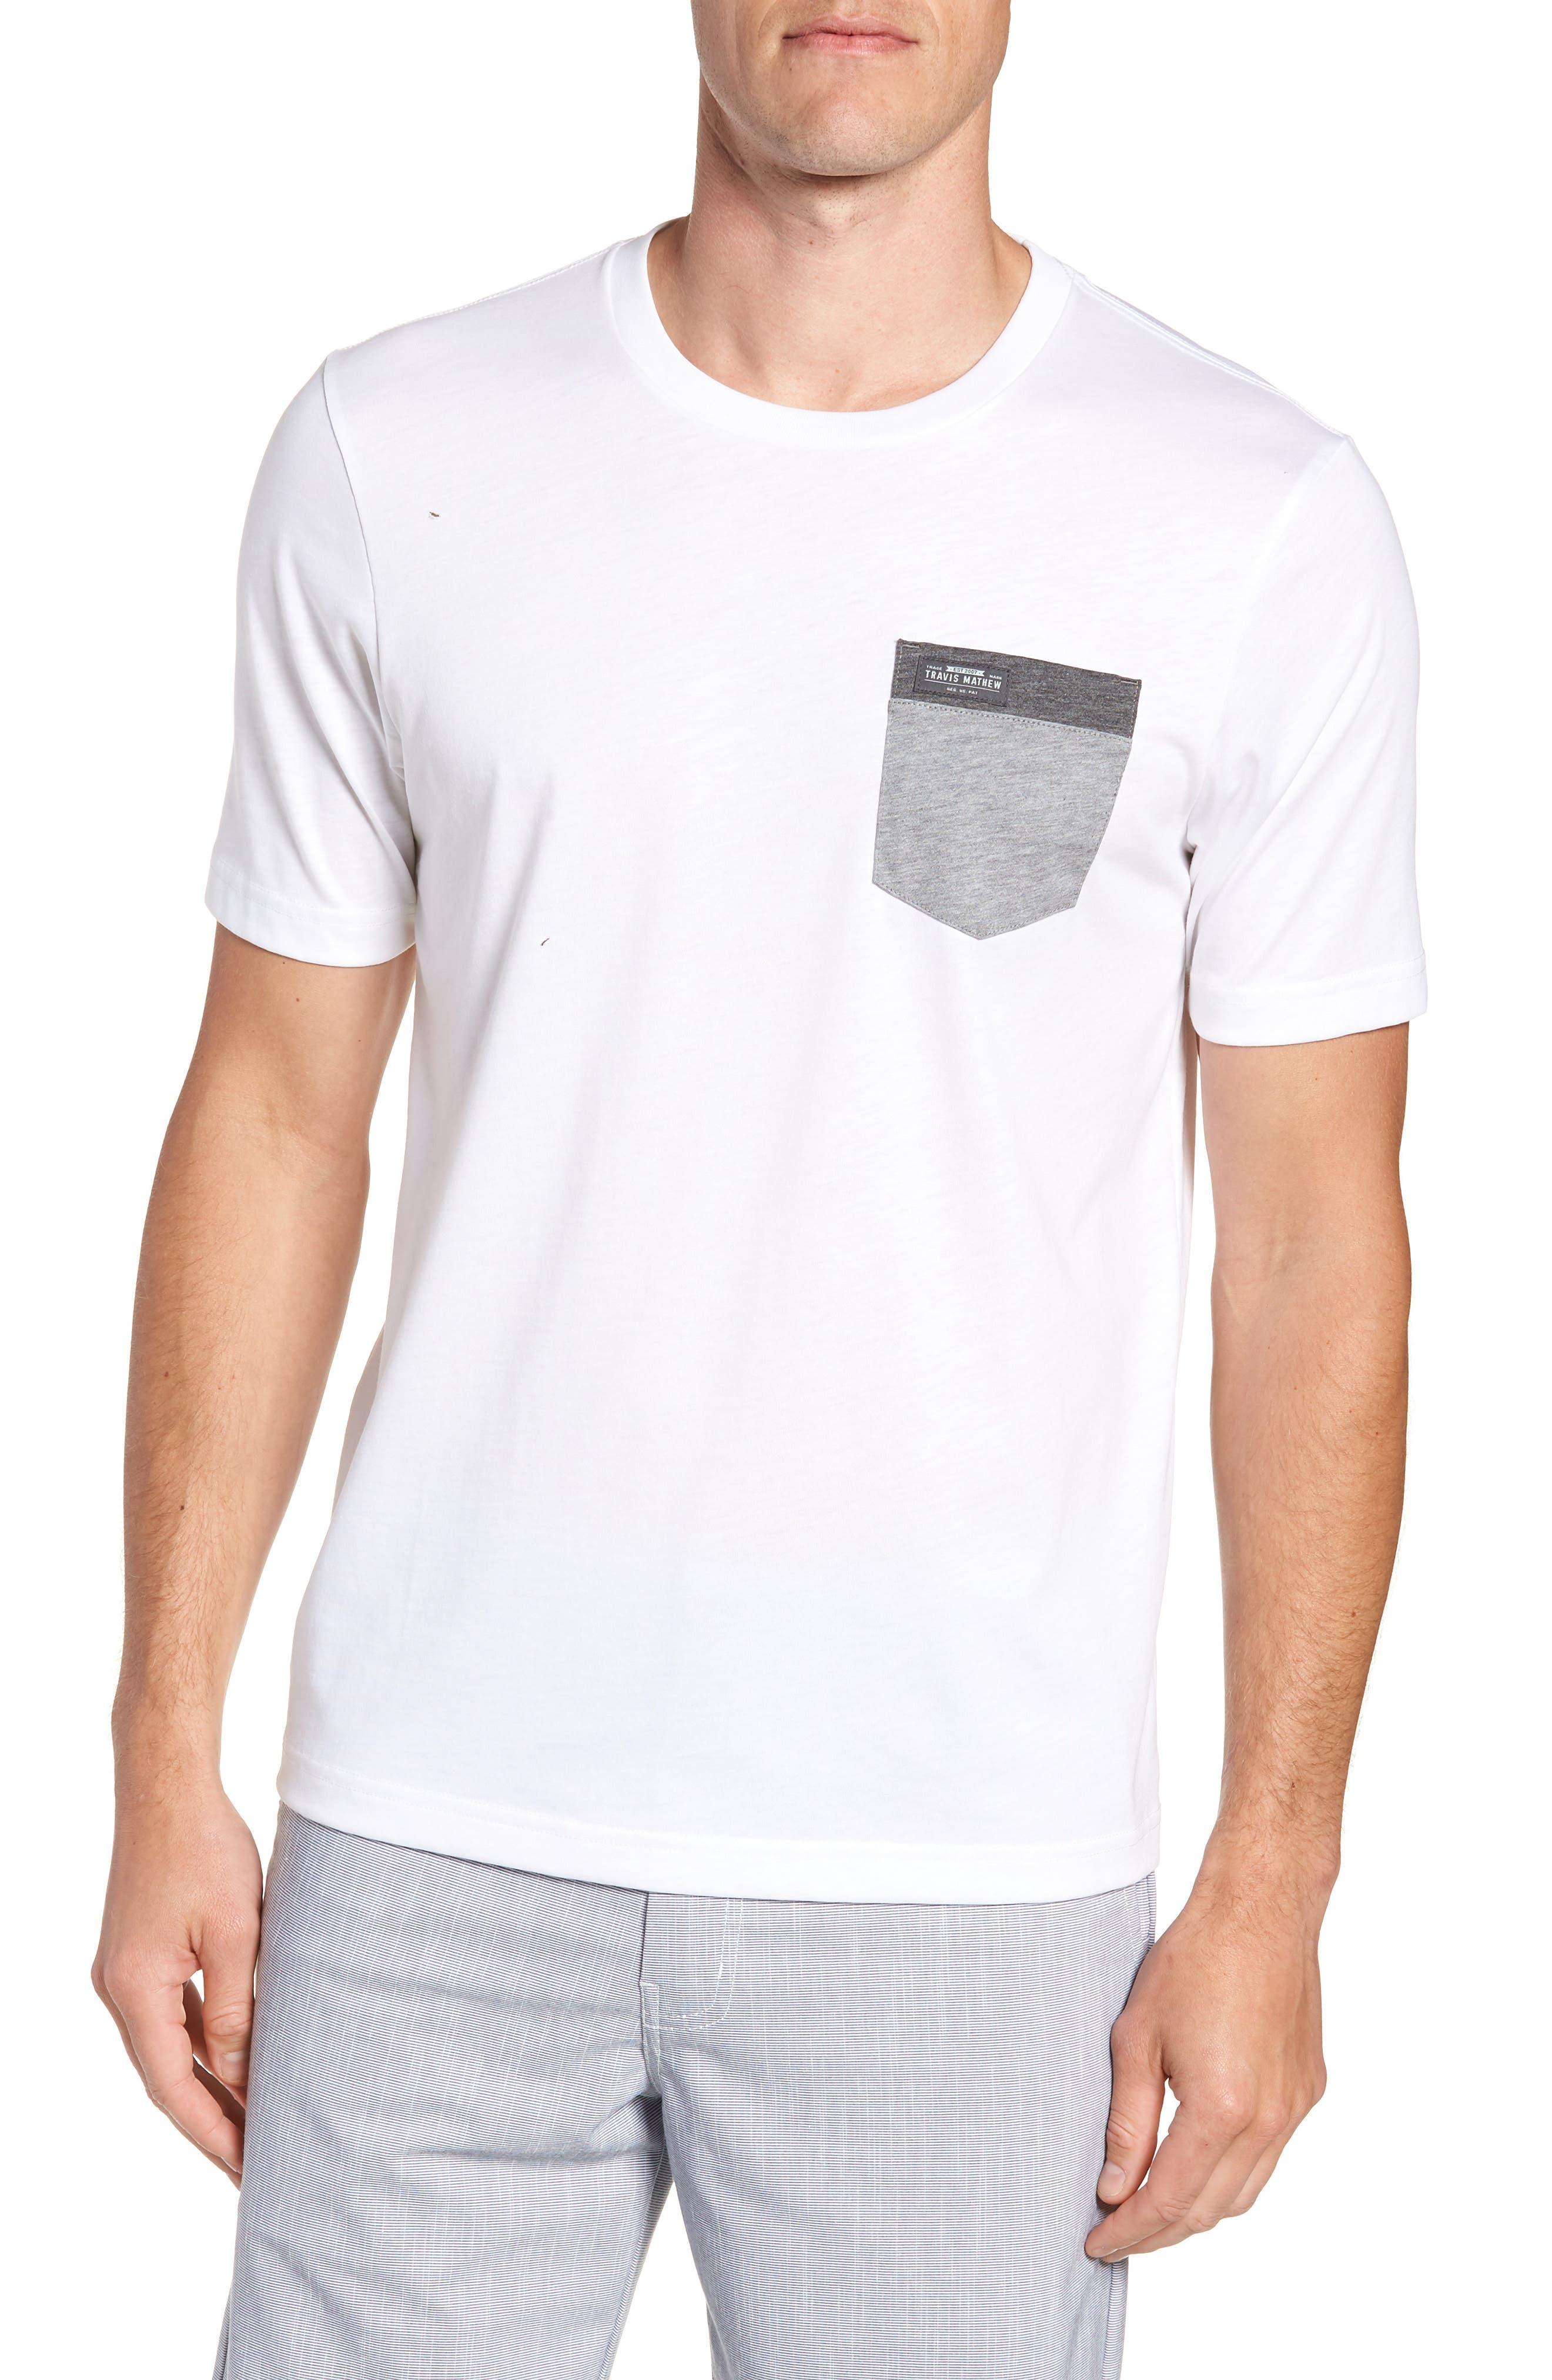 Muska Pocket T-Shirt,                             Main thumbnail 1, color,                             100